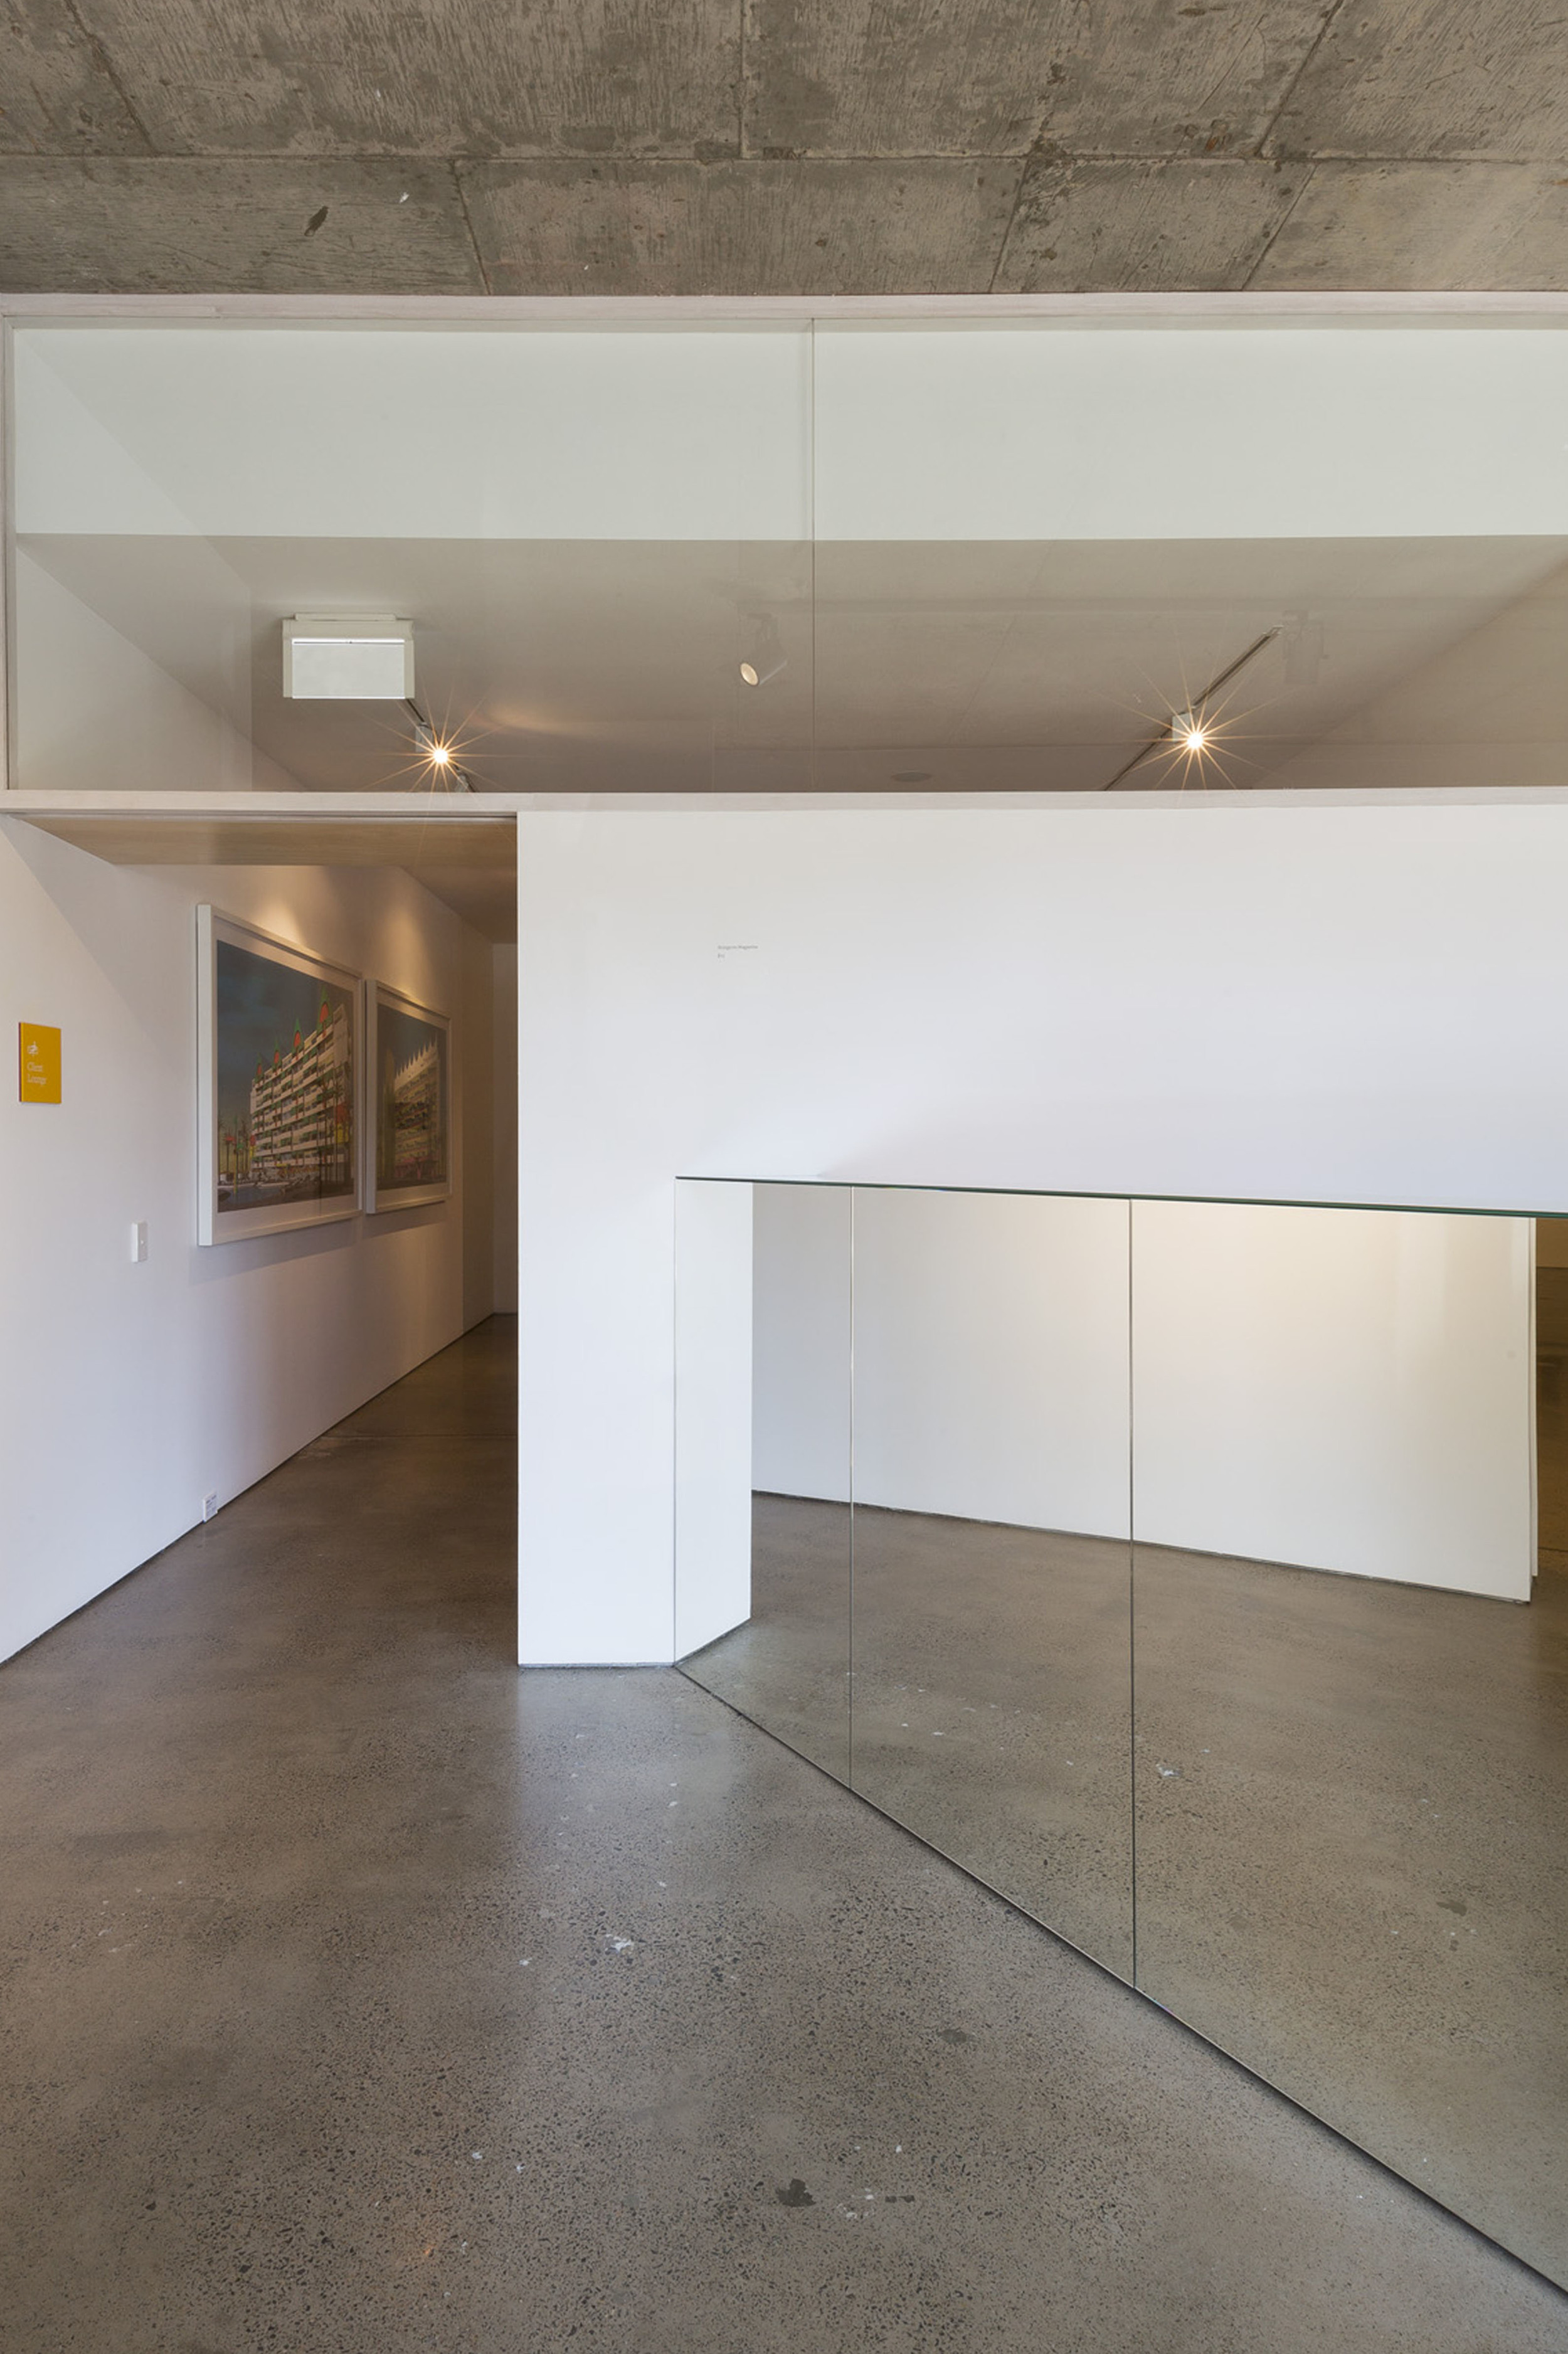 4D6C8807_Aileen Sage_Artbank Ground Floor_141010.jpg